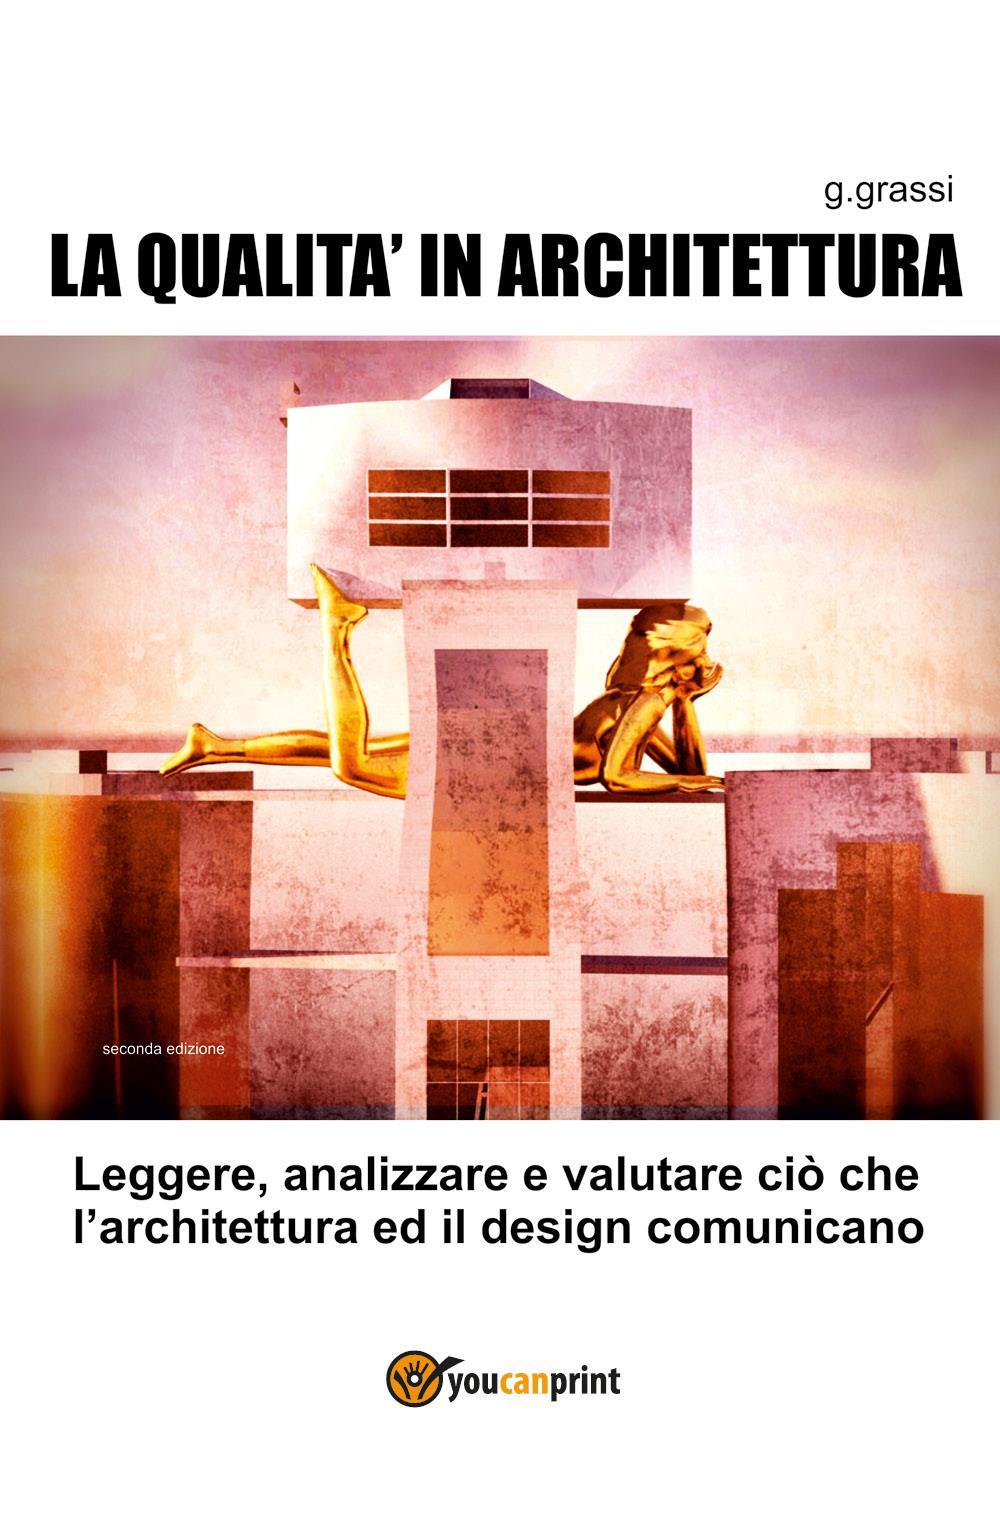 La Qualità in Architettura